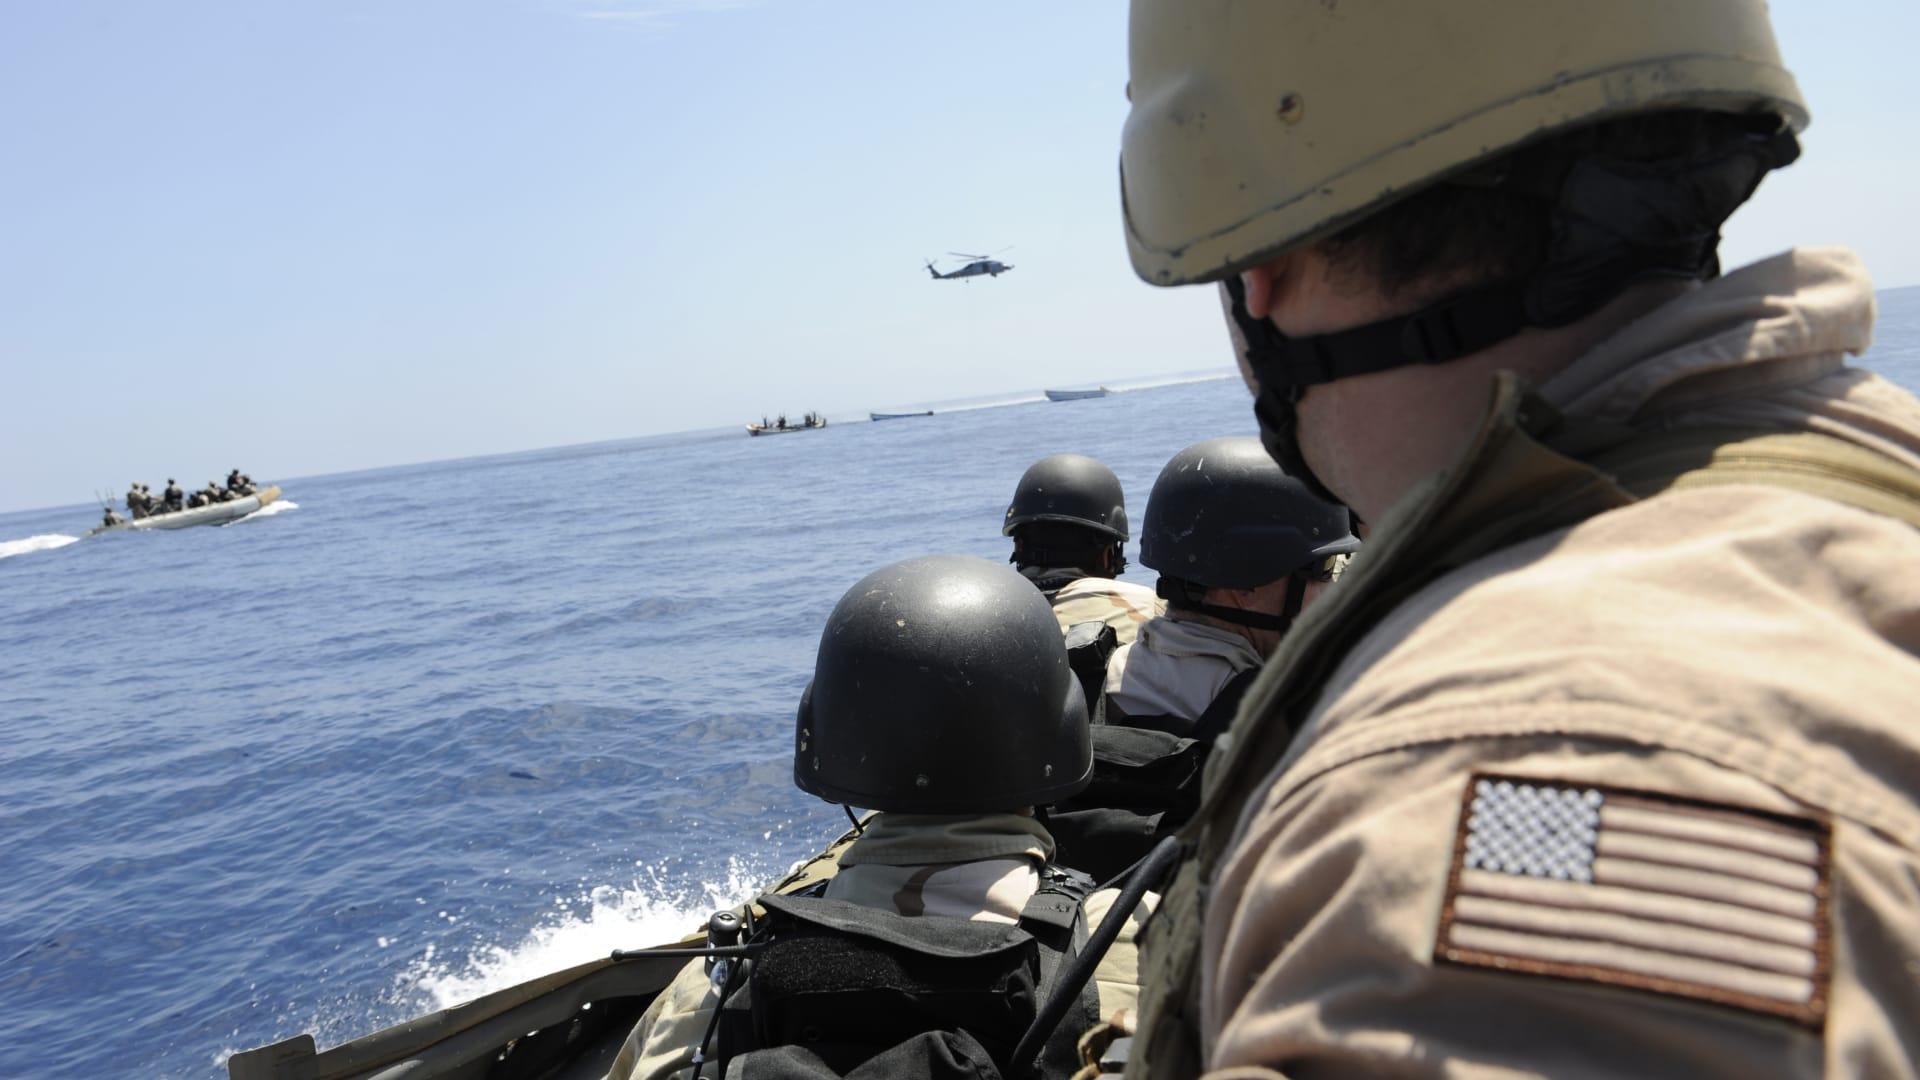 البحرية الأمريكية تضبط أكثر من ألف قطعة سلاح بقارب في خليج عدن